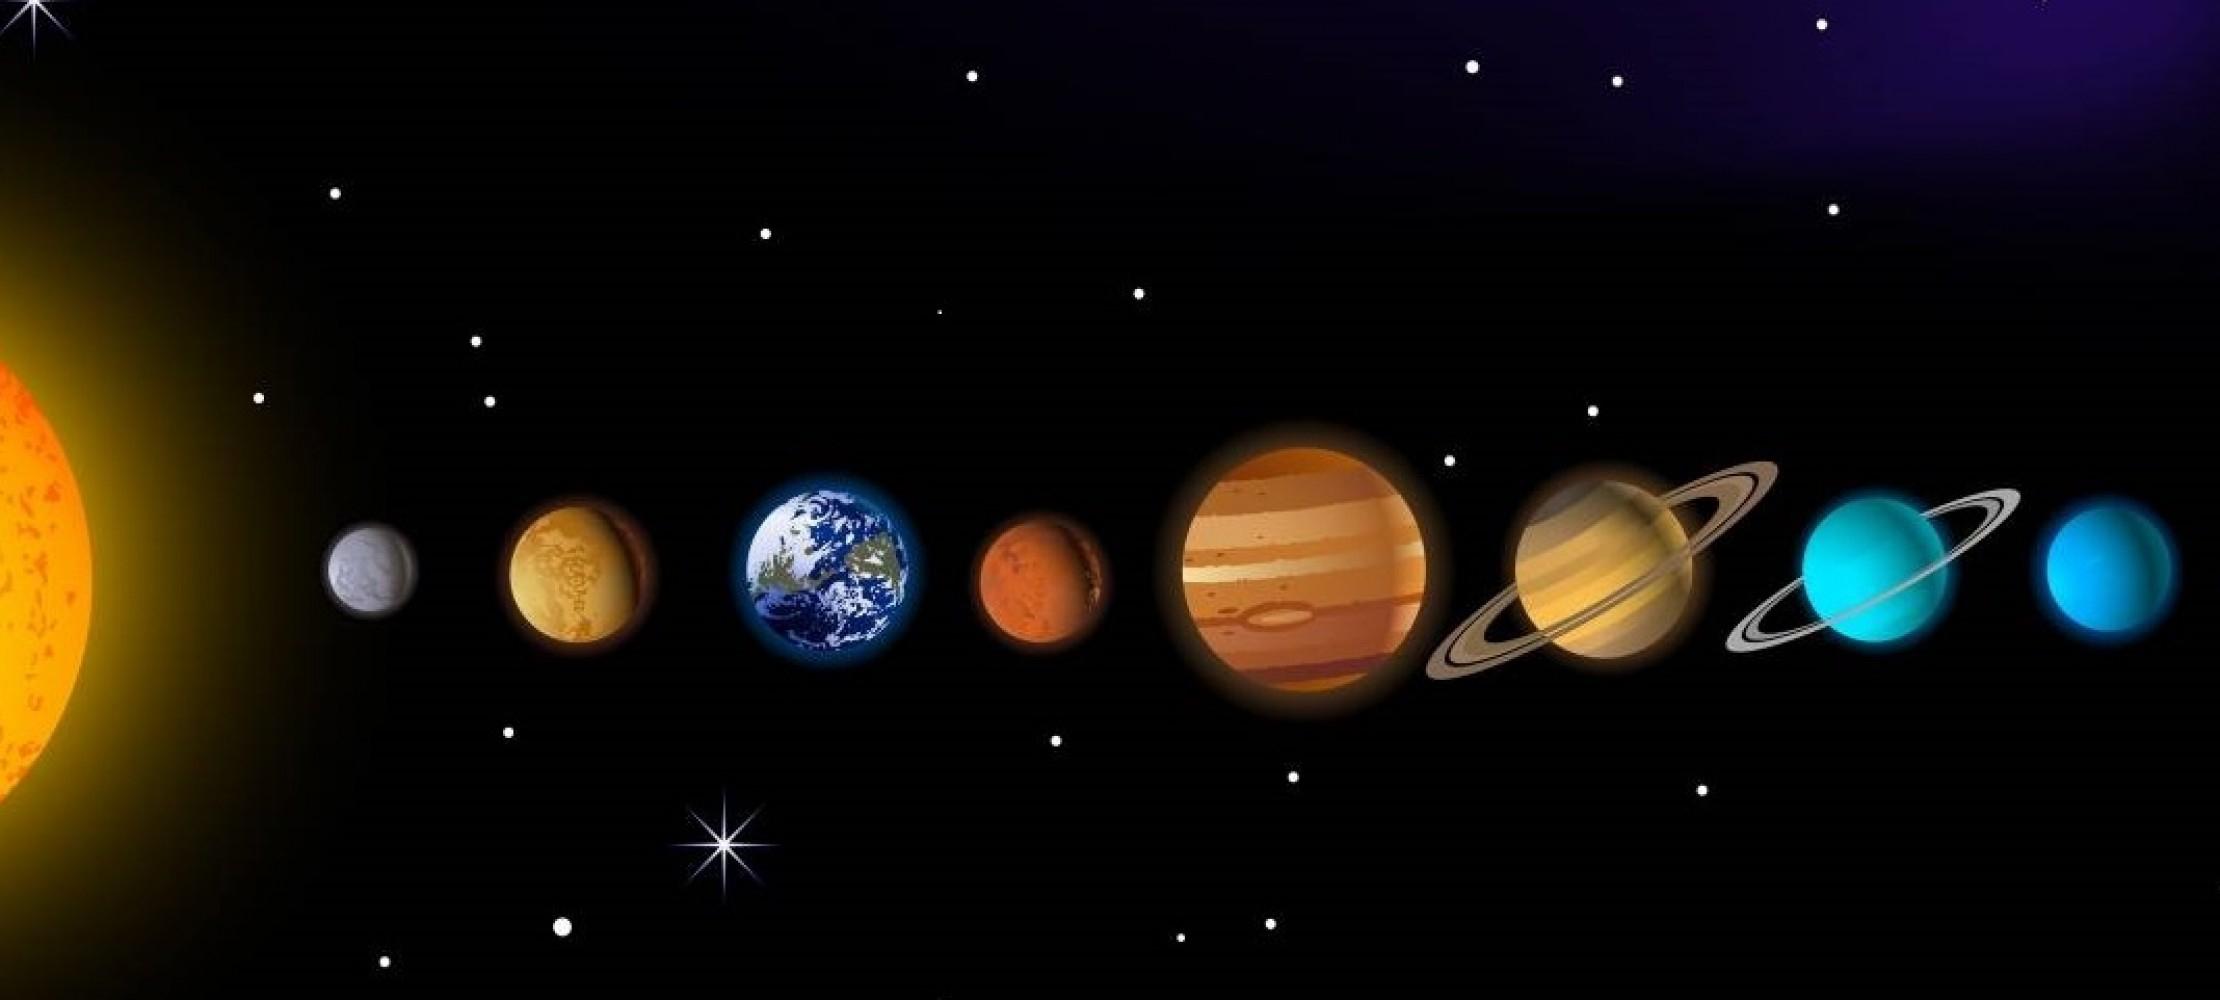 Woraus Besteht Das Sonnensystem?   Duda.news für Wie Viele Planeten Gibt Es In Unserem Sonnensystem